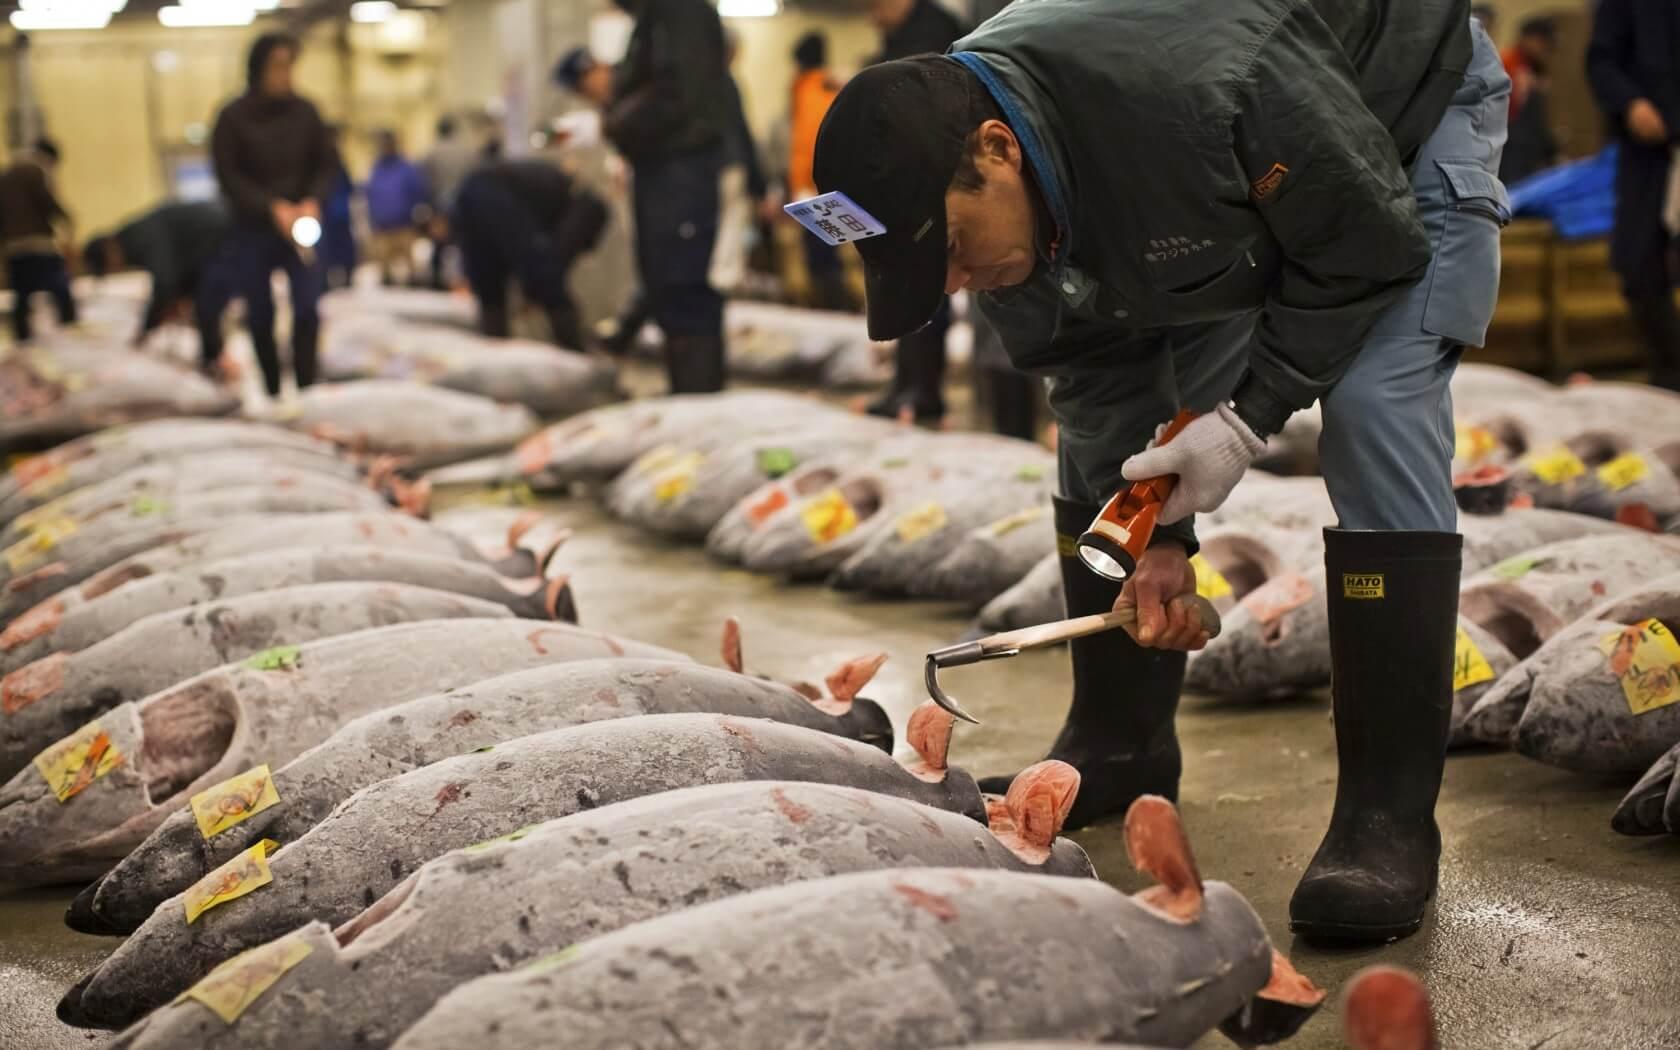 Đến chợ cá Tsukiji thưởng thức muôn ngàn những món ăn hấp dẫn chế biến từ hải sản tươi ngon